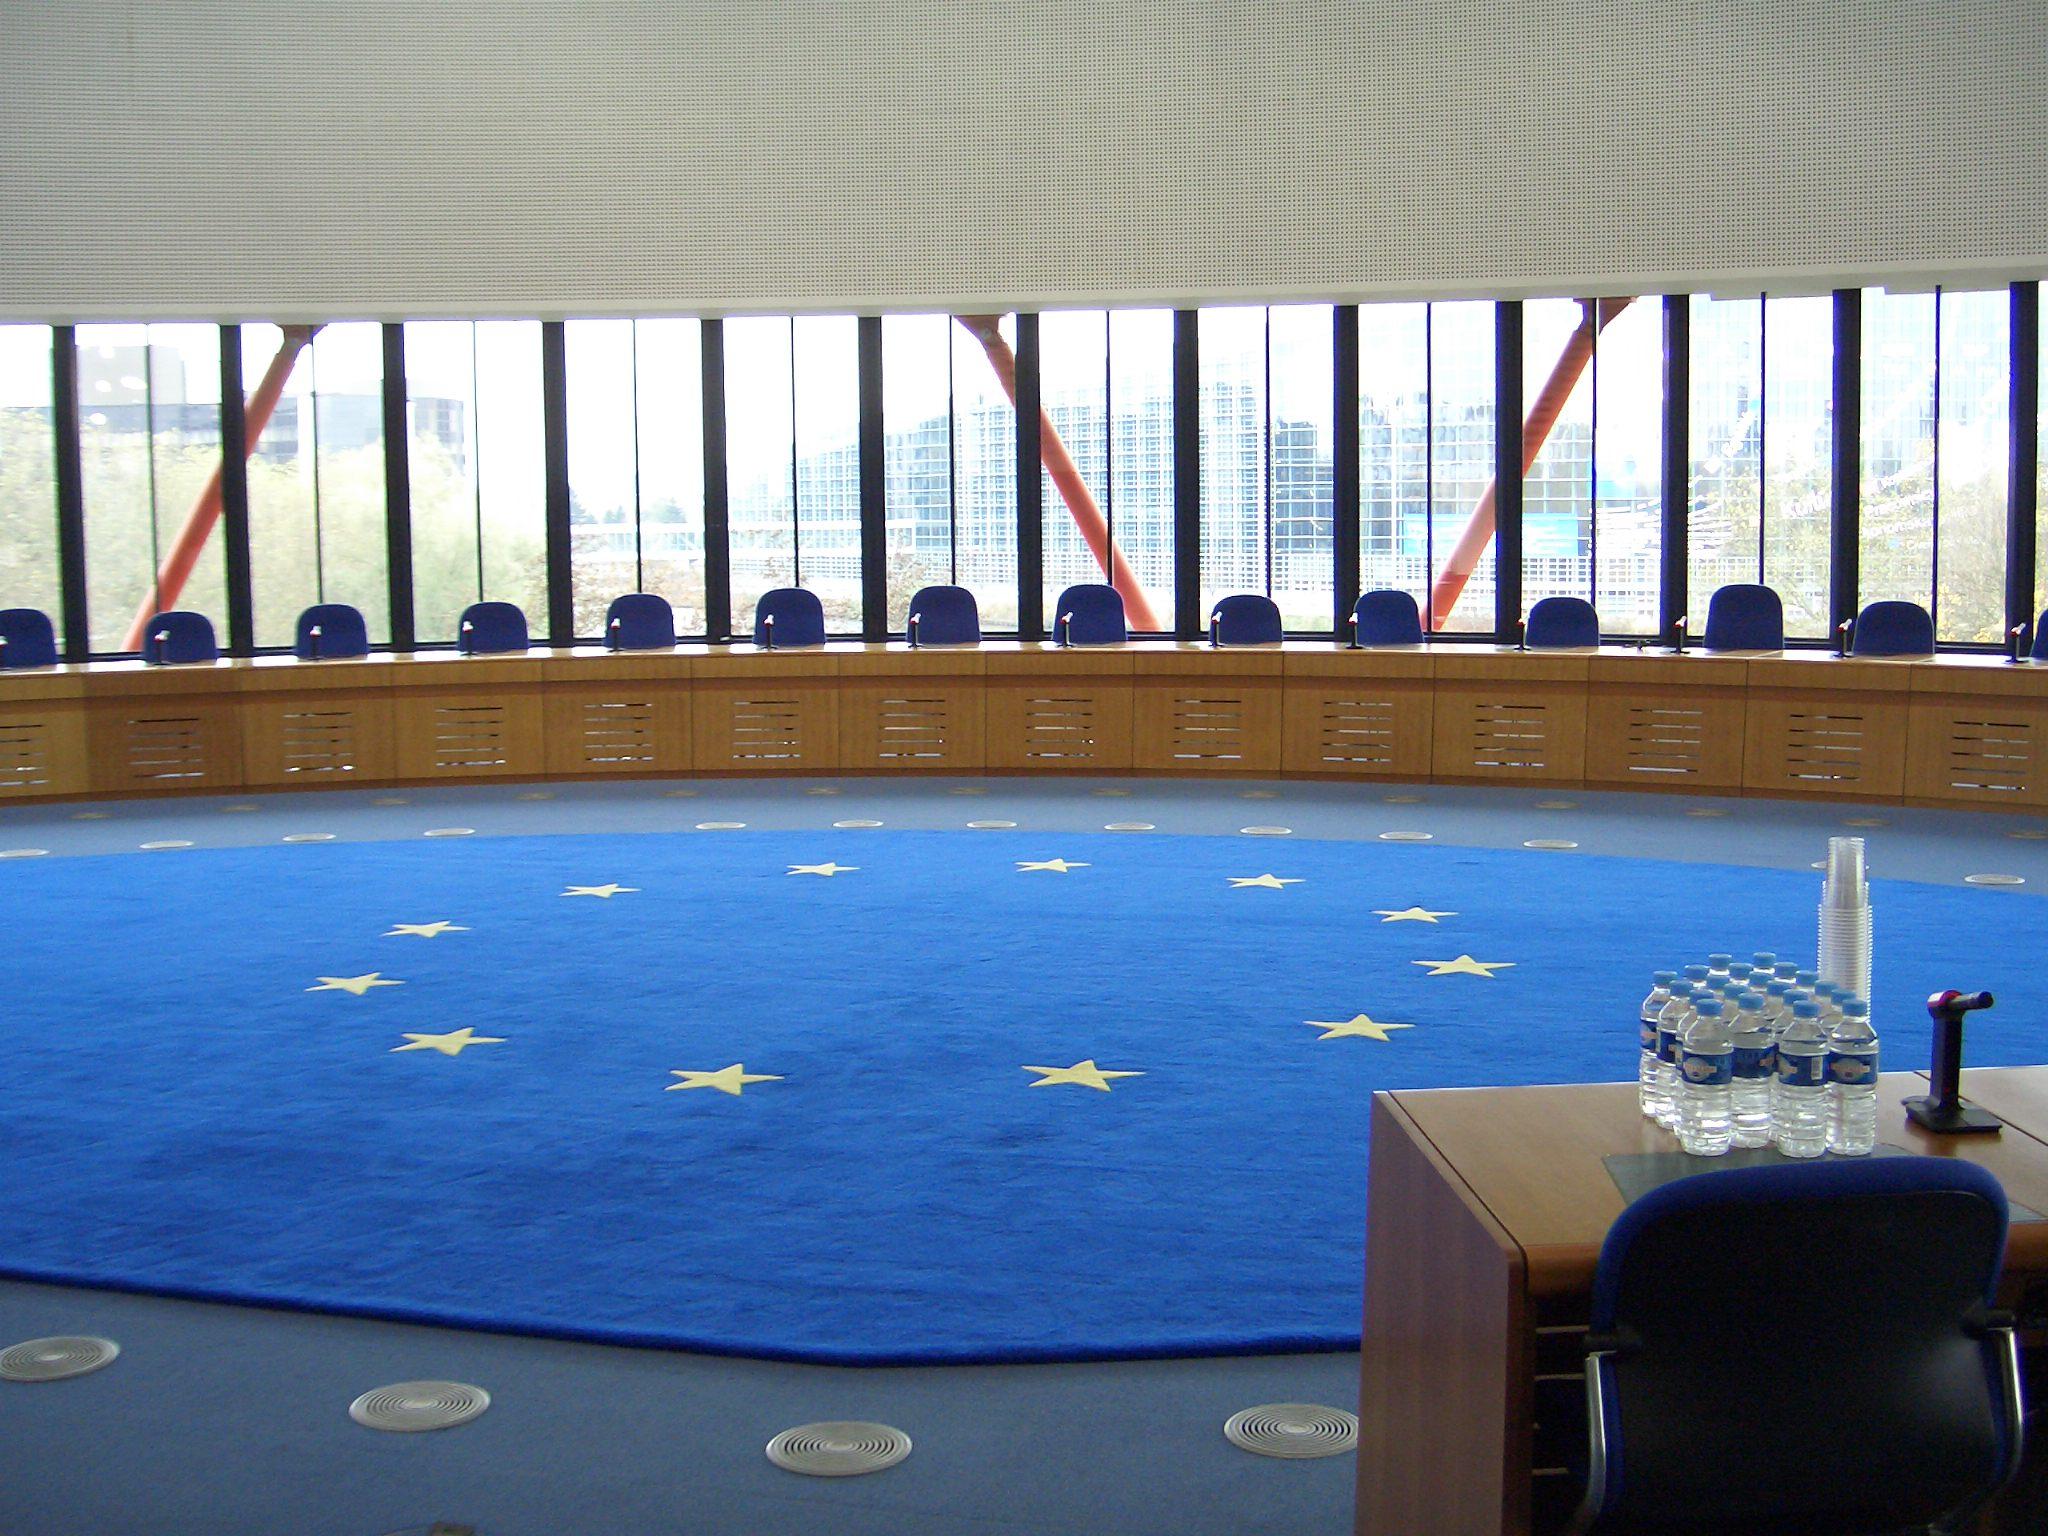 La stanza della Corte, da Wikimedia Commons